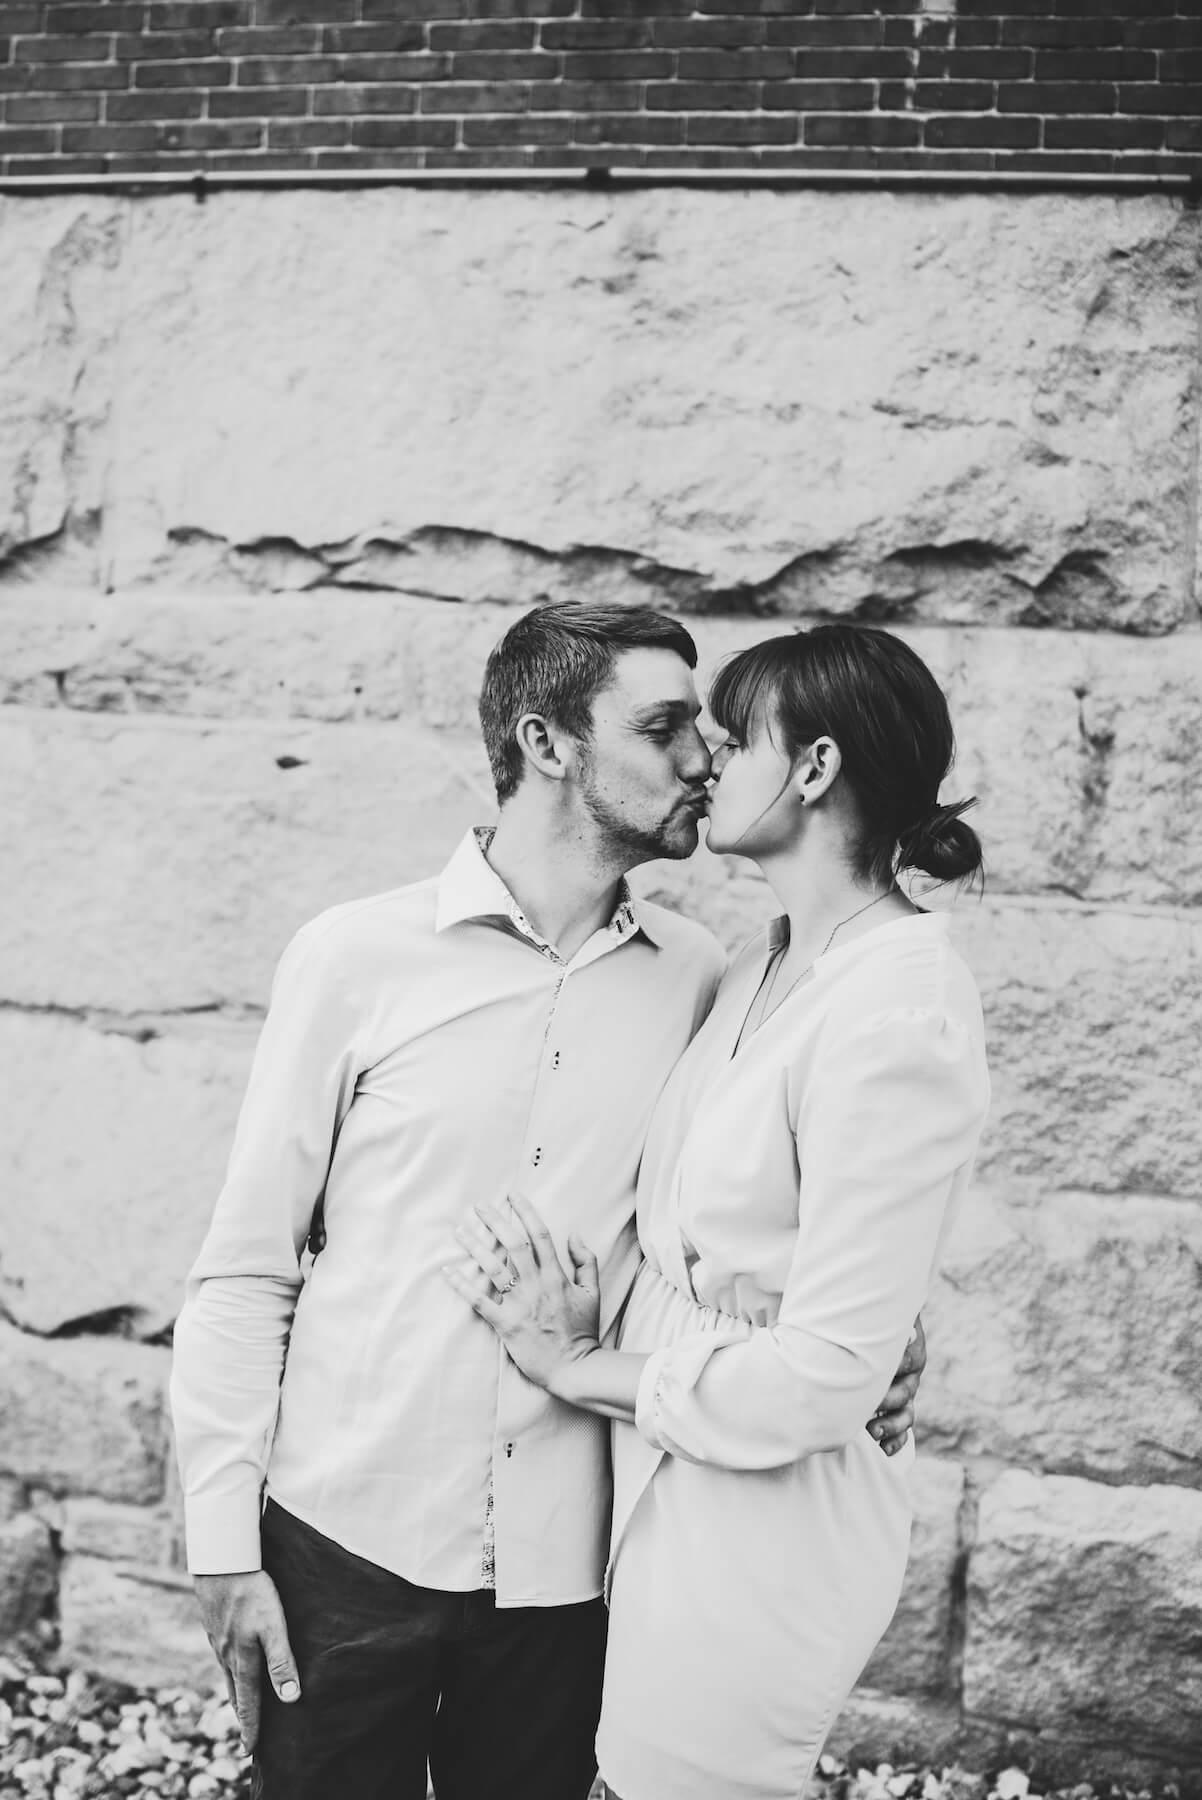 engle-olson-jimmy-kenda-wedding-trip-2018-9.jpg